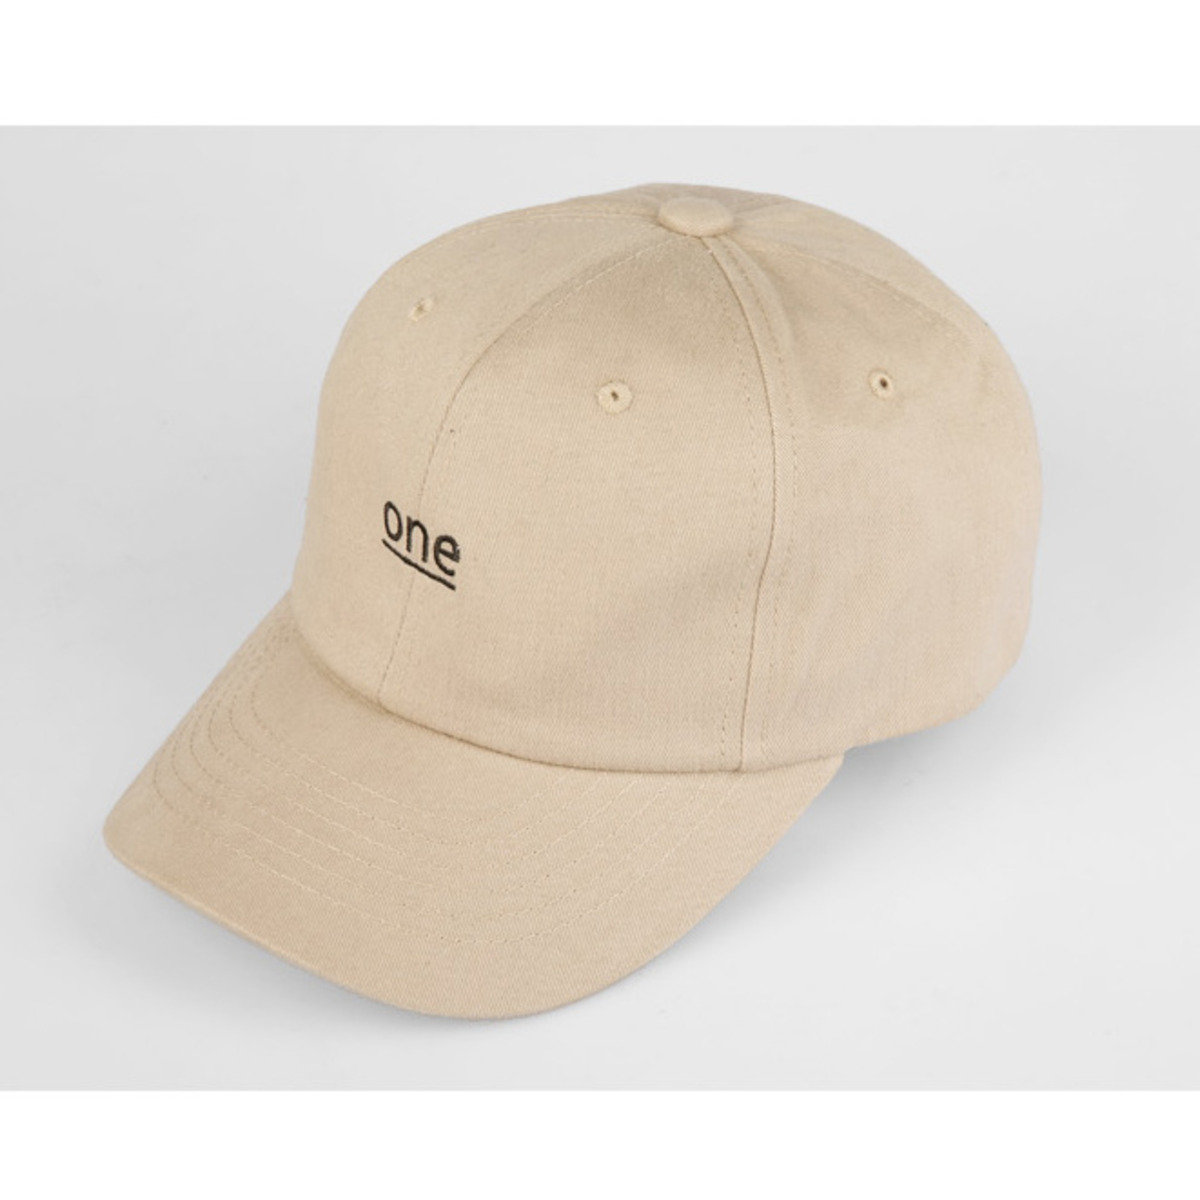 One 帽子_CA1_160128182